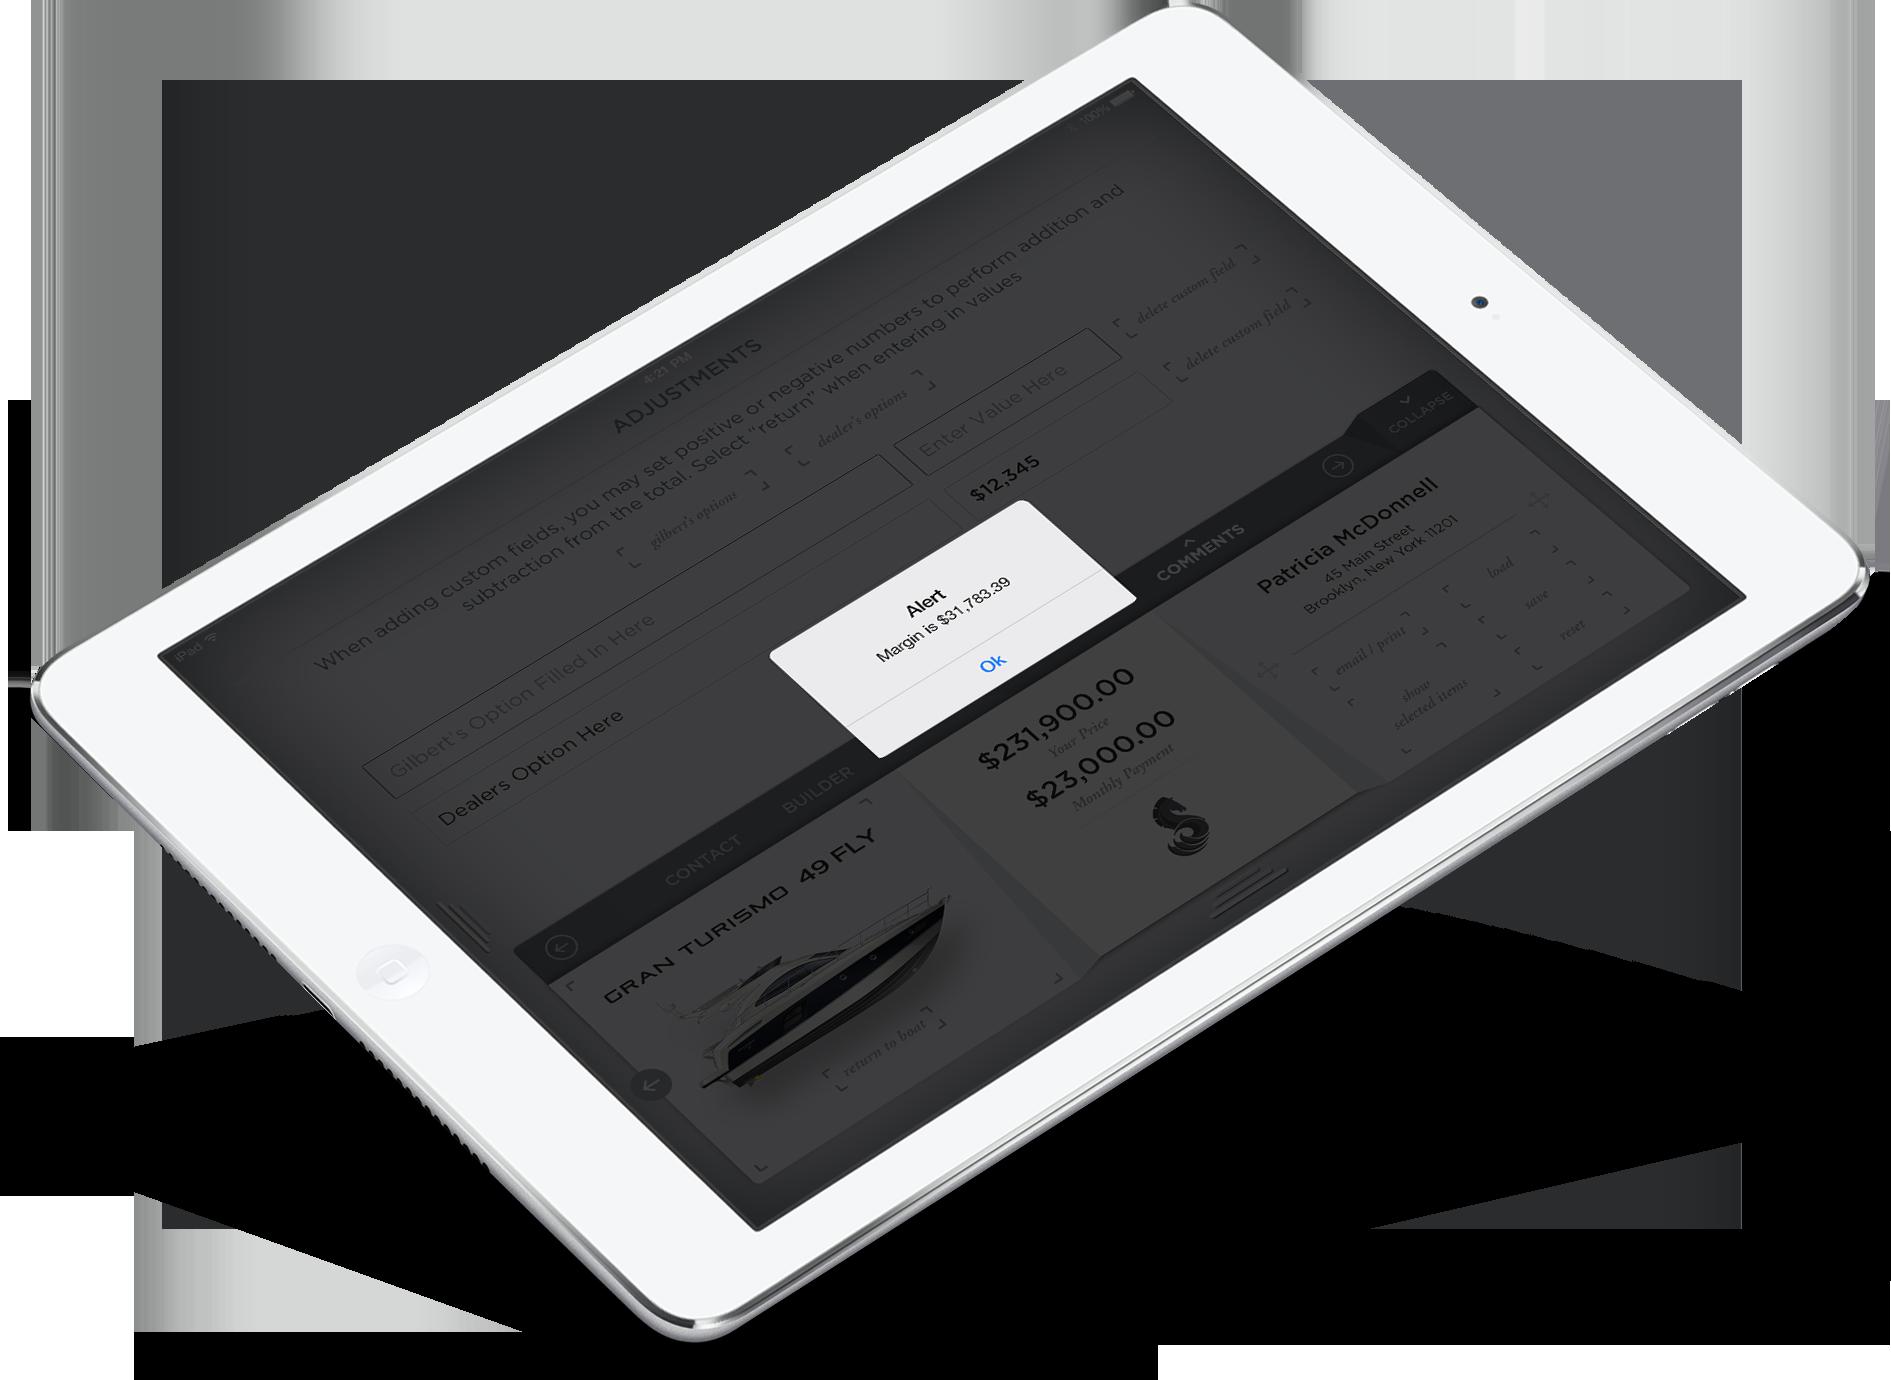 iPad-bolster-3.png